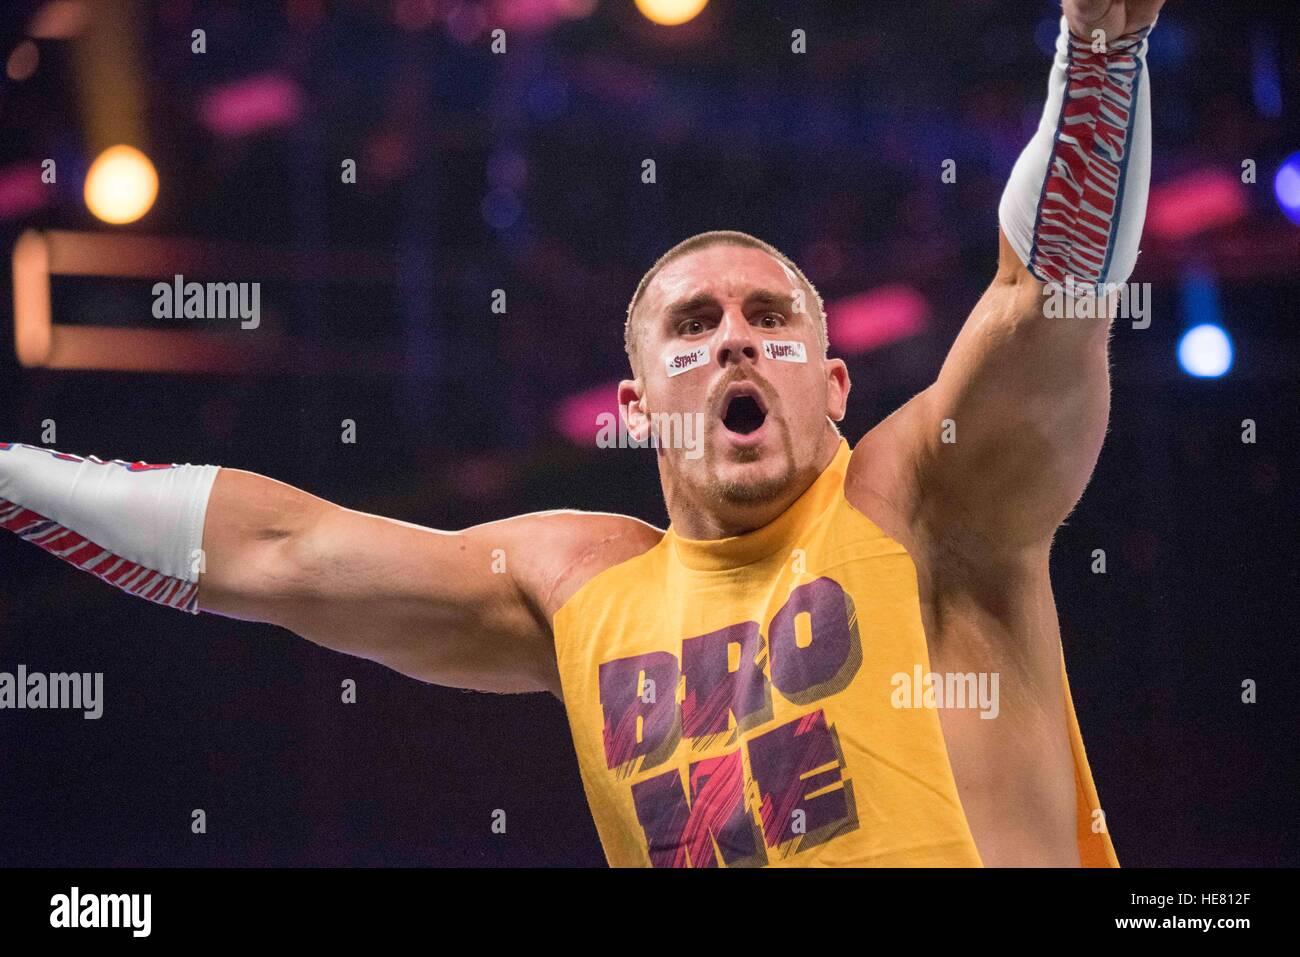 Gli artisti interpreti o esecutori di WWE partecipare a un match wrestling al XIV tributo annuale per le truppe Immagini Stock